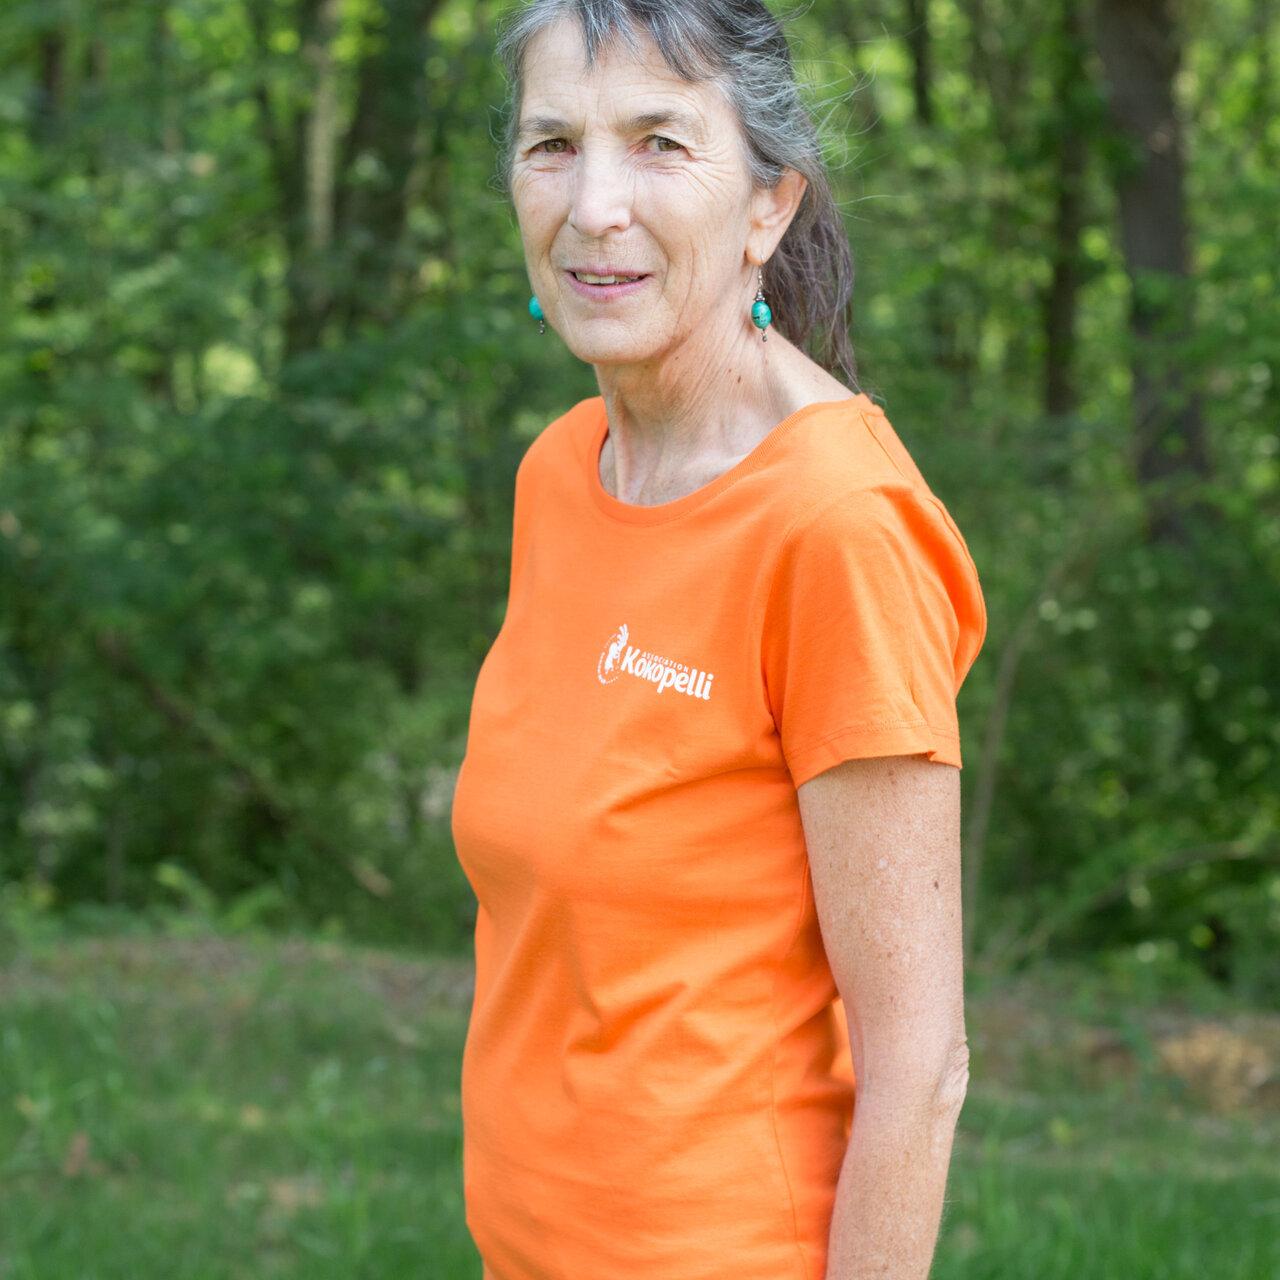 Vêtements - T-Shirt femme orange, taille XL